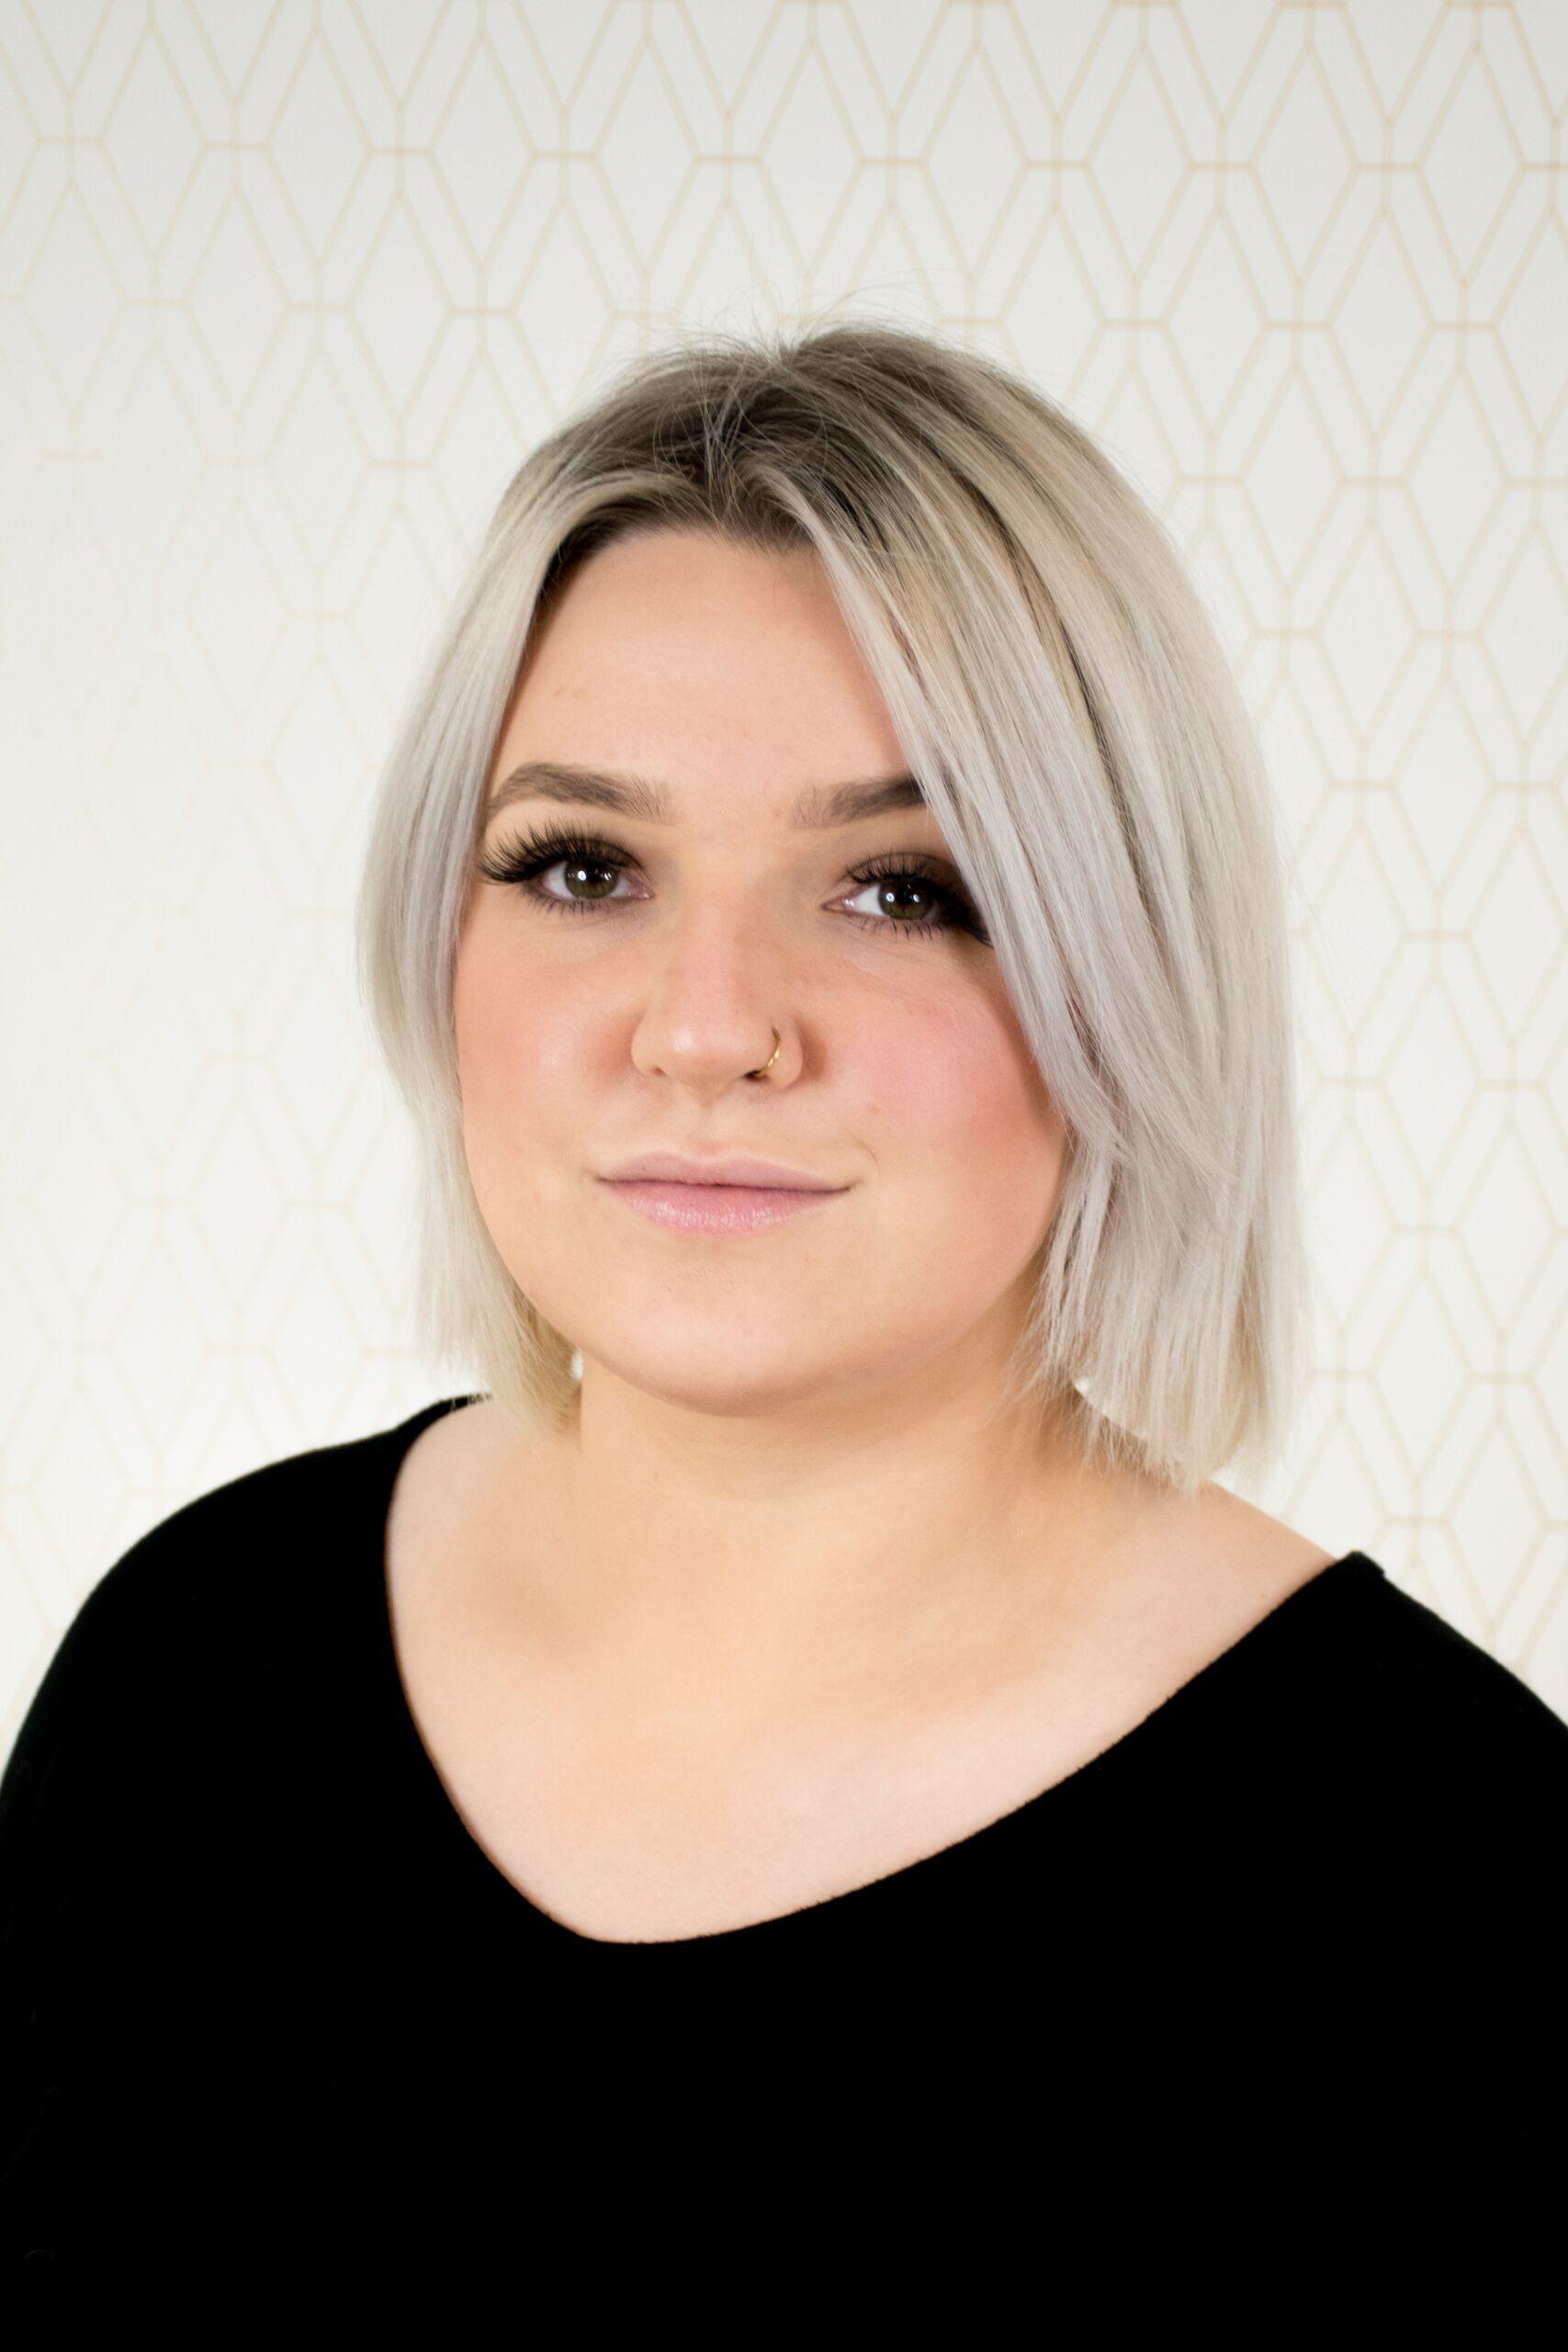 Natasha Kulski - Stylist@tashaa.k